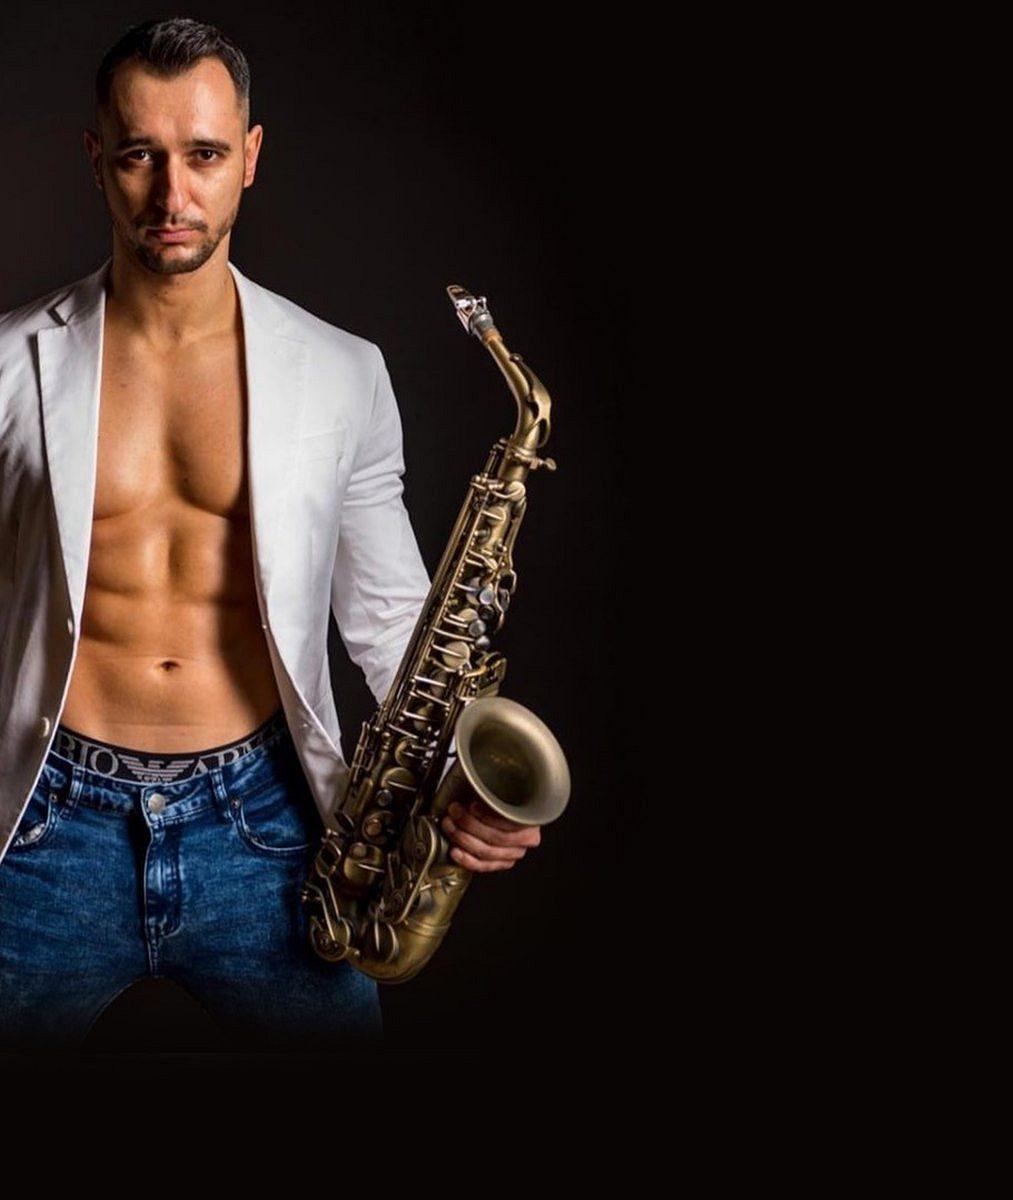 Ina svalnatého saxofonistu dolehla pandemie. Přišel opublikum auvažuje onávratu kpůvodní profesi